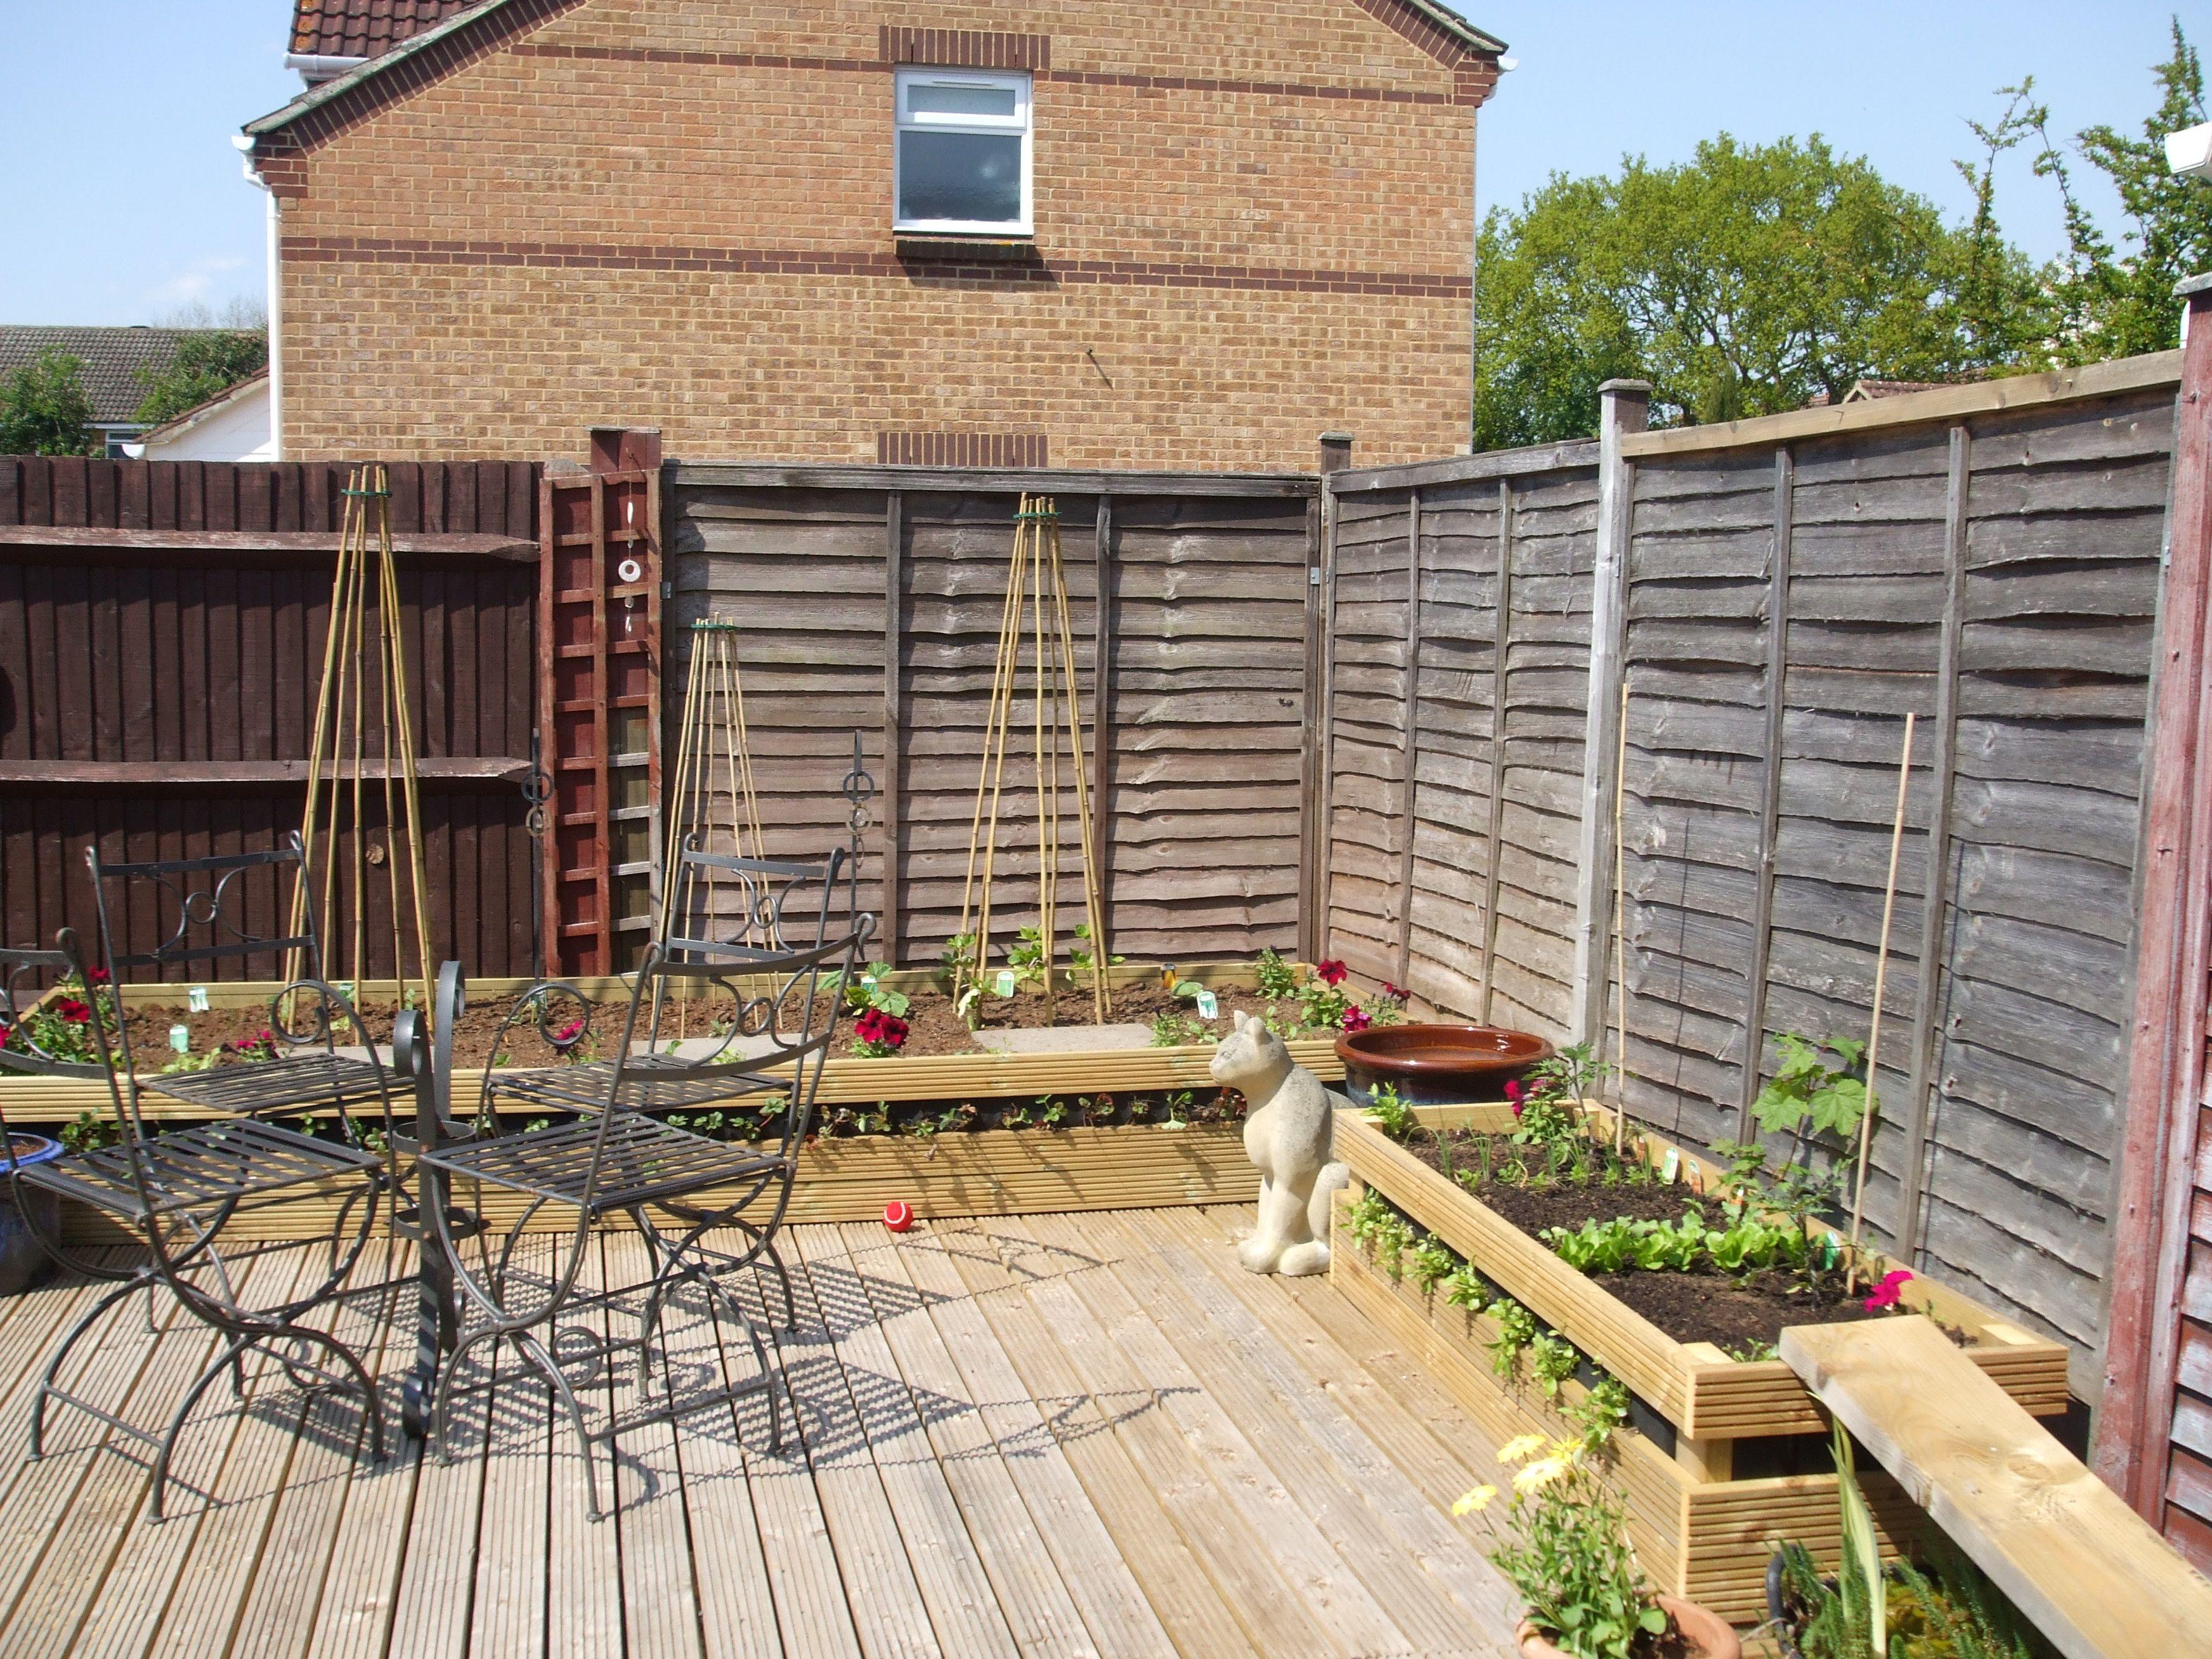 Veggie garden inspiration  New raised veg beds May   NOW back garden  Pinterest  Gardens